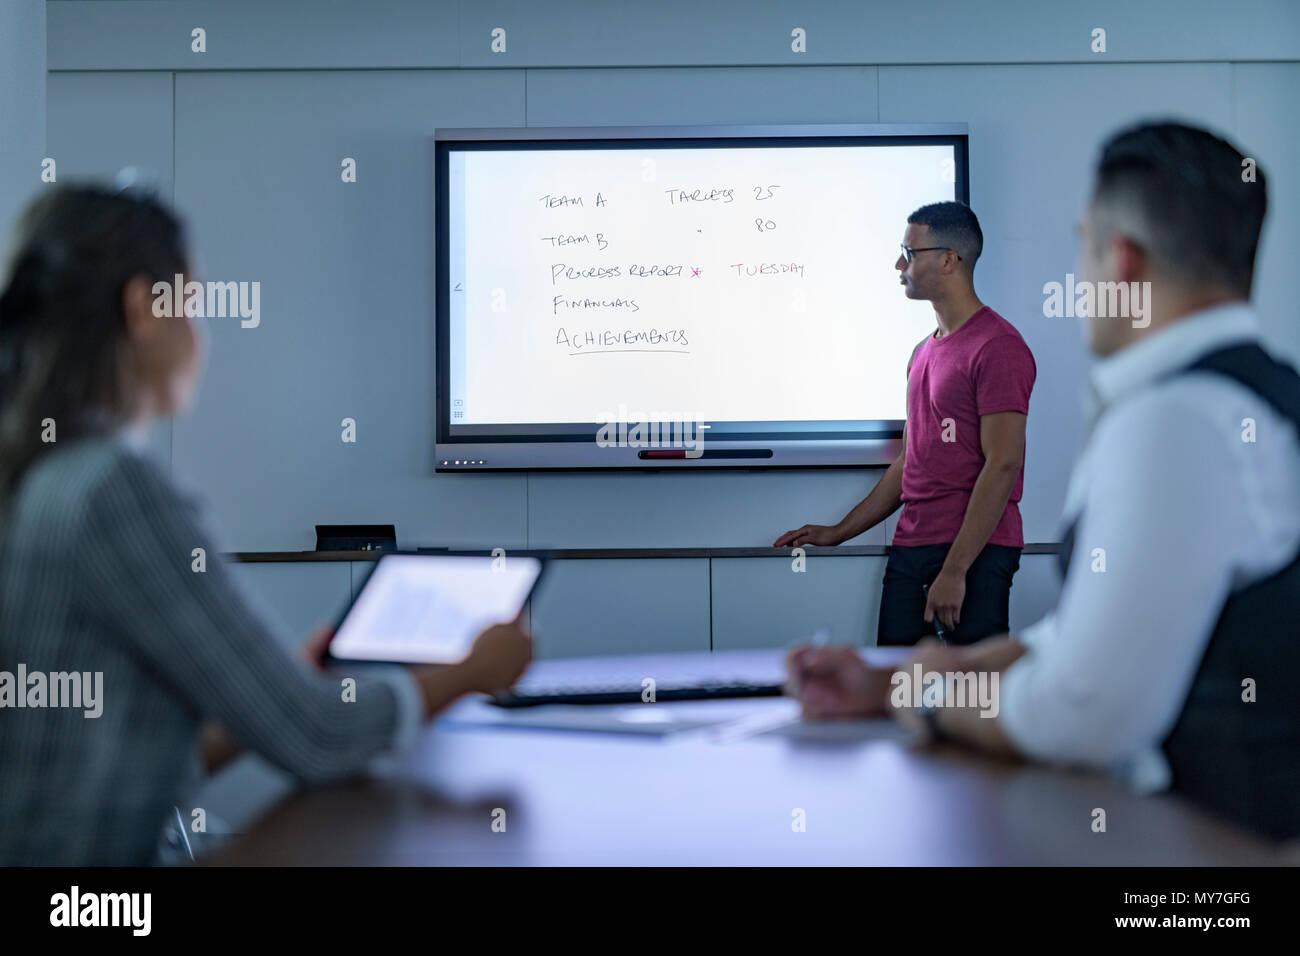 Portrait sur l'écran interactif en réunion d'affaires Photo Stock